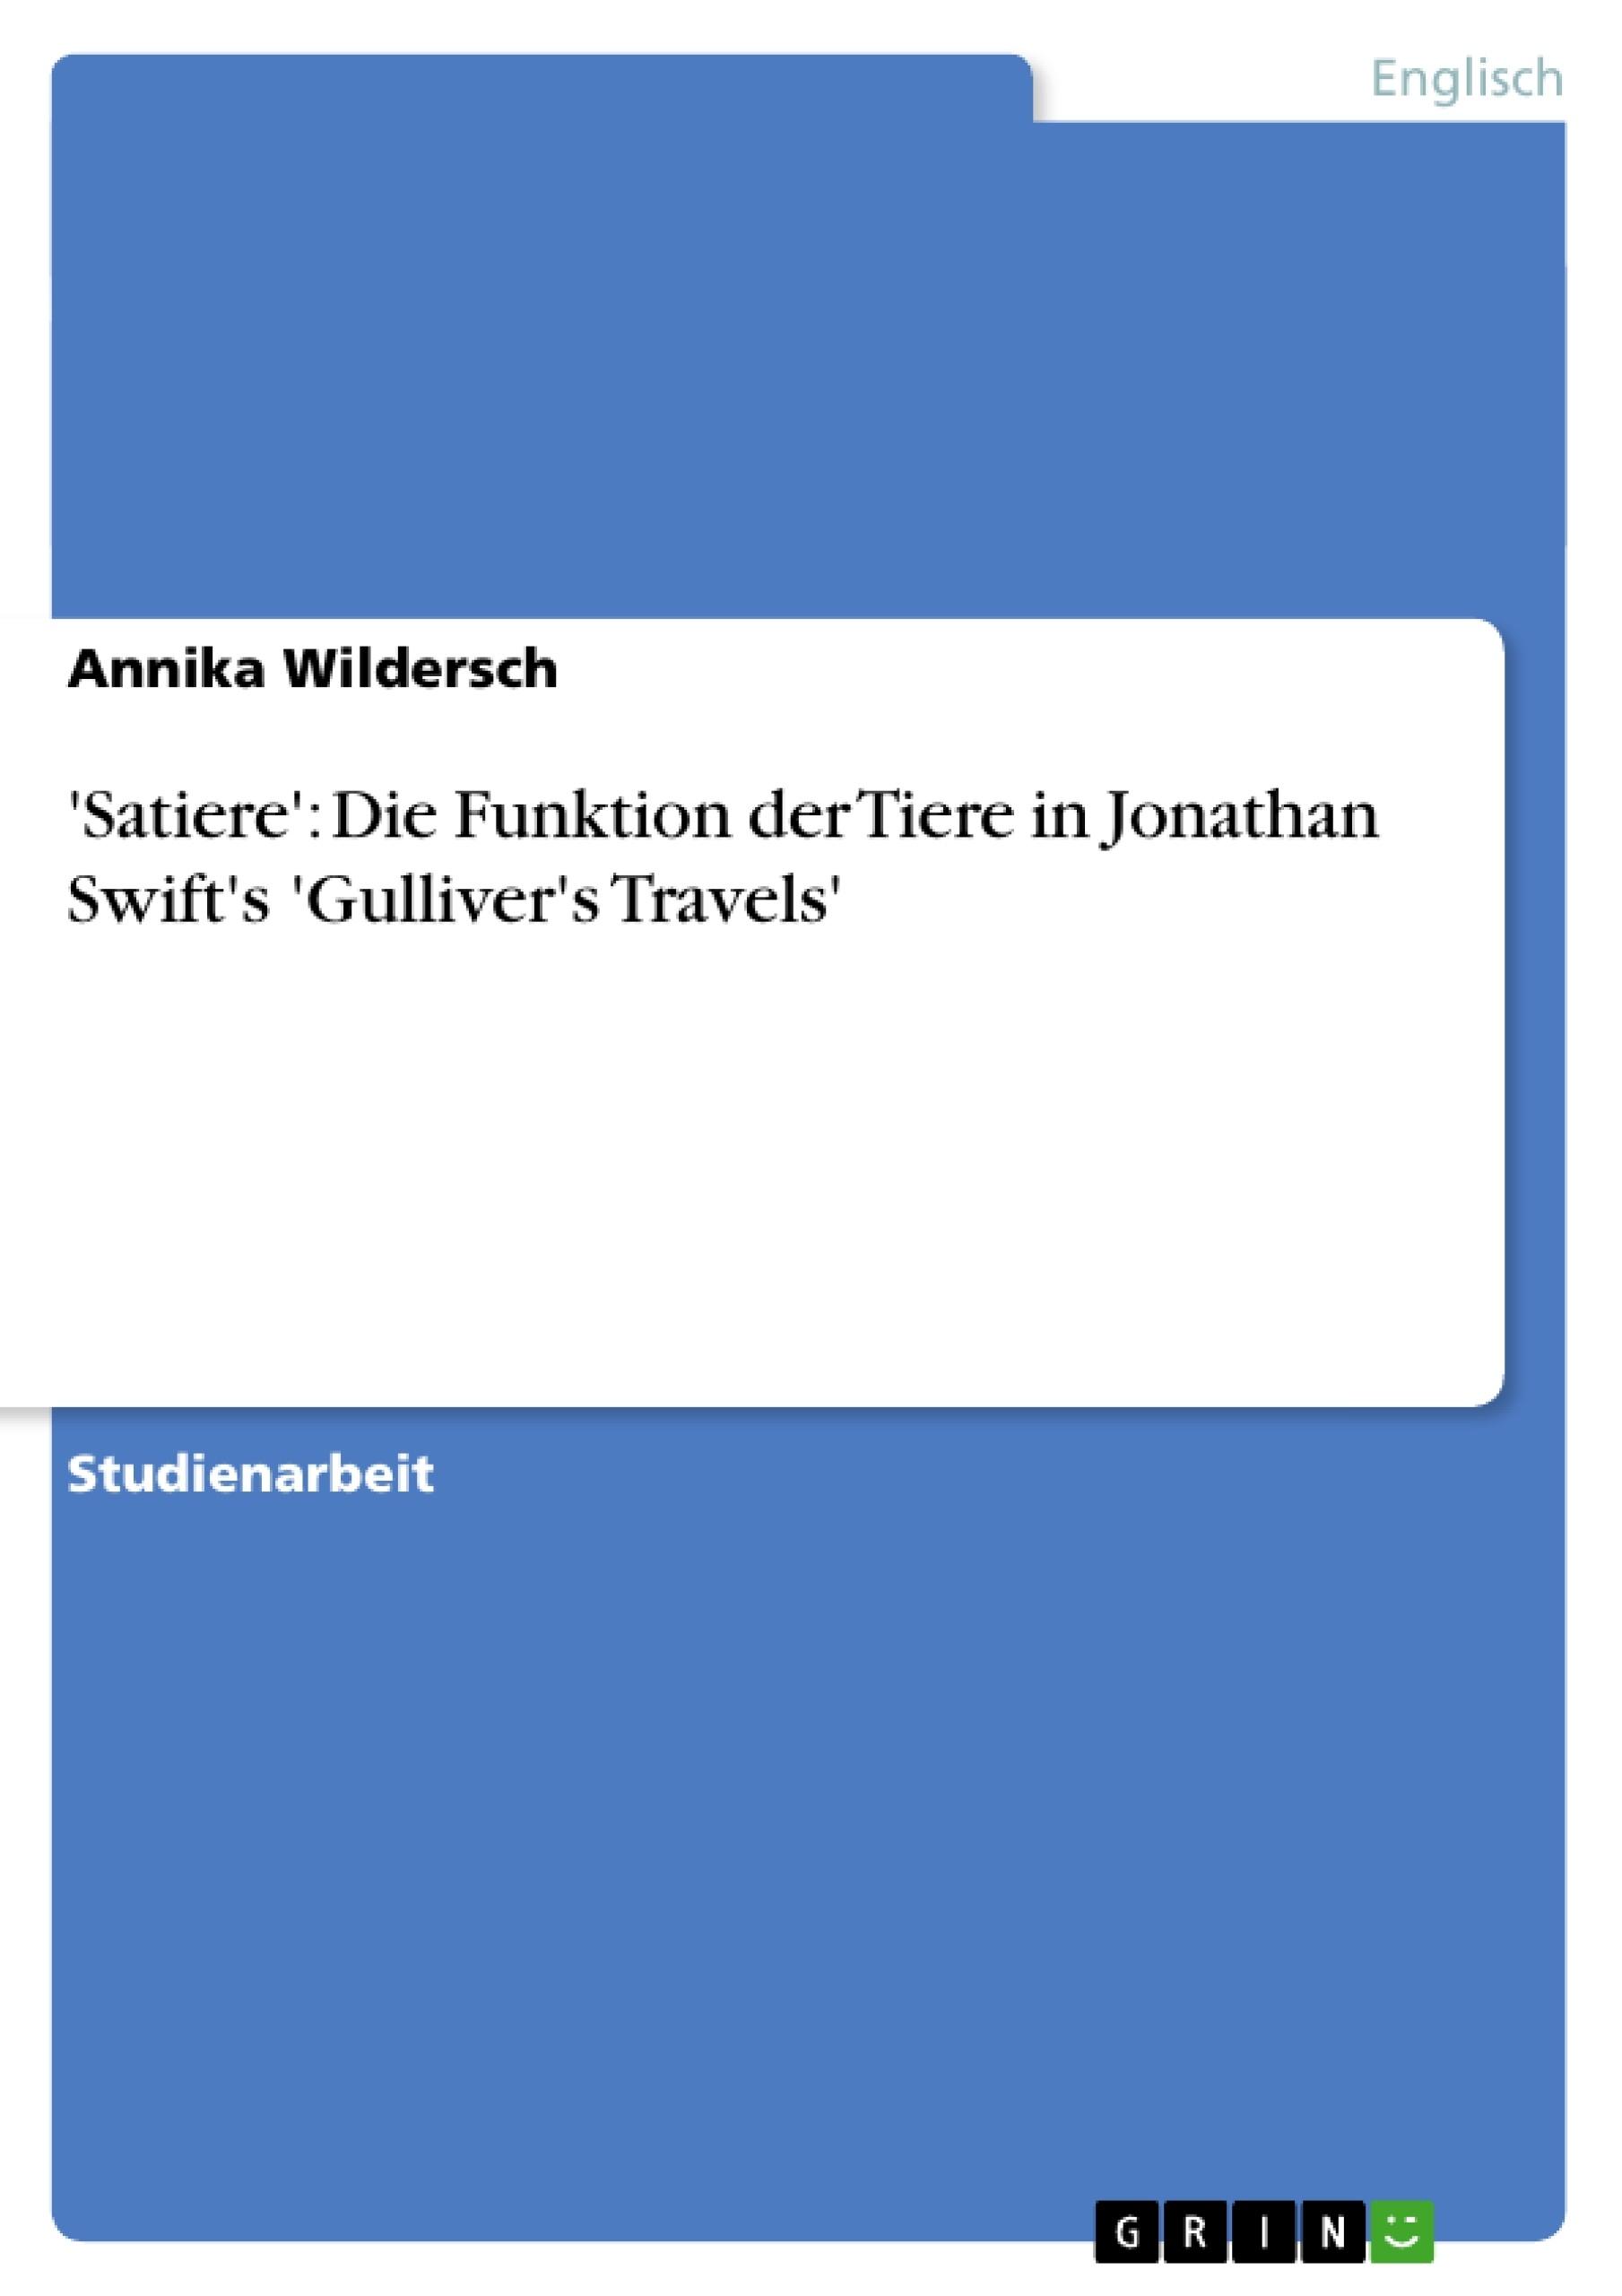 Titel: 'Satiere':  Die Funktion der Tiere in Jonathan Swift's 'Gulliver's Travels'